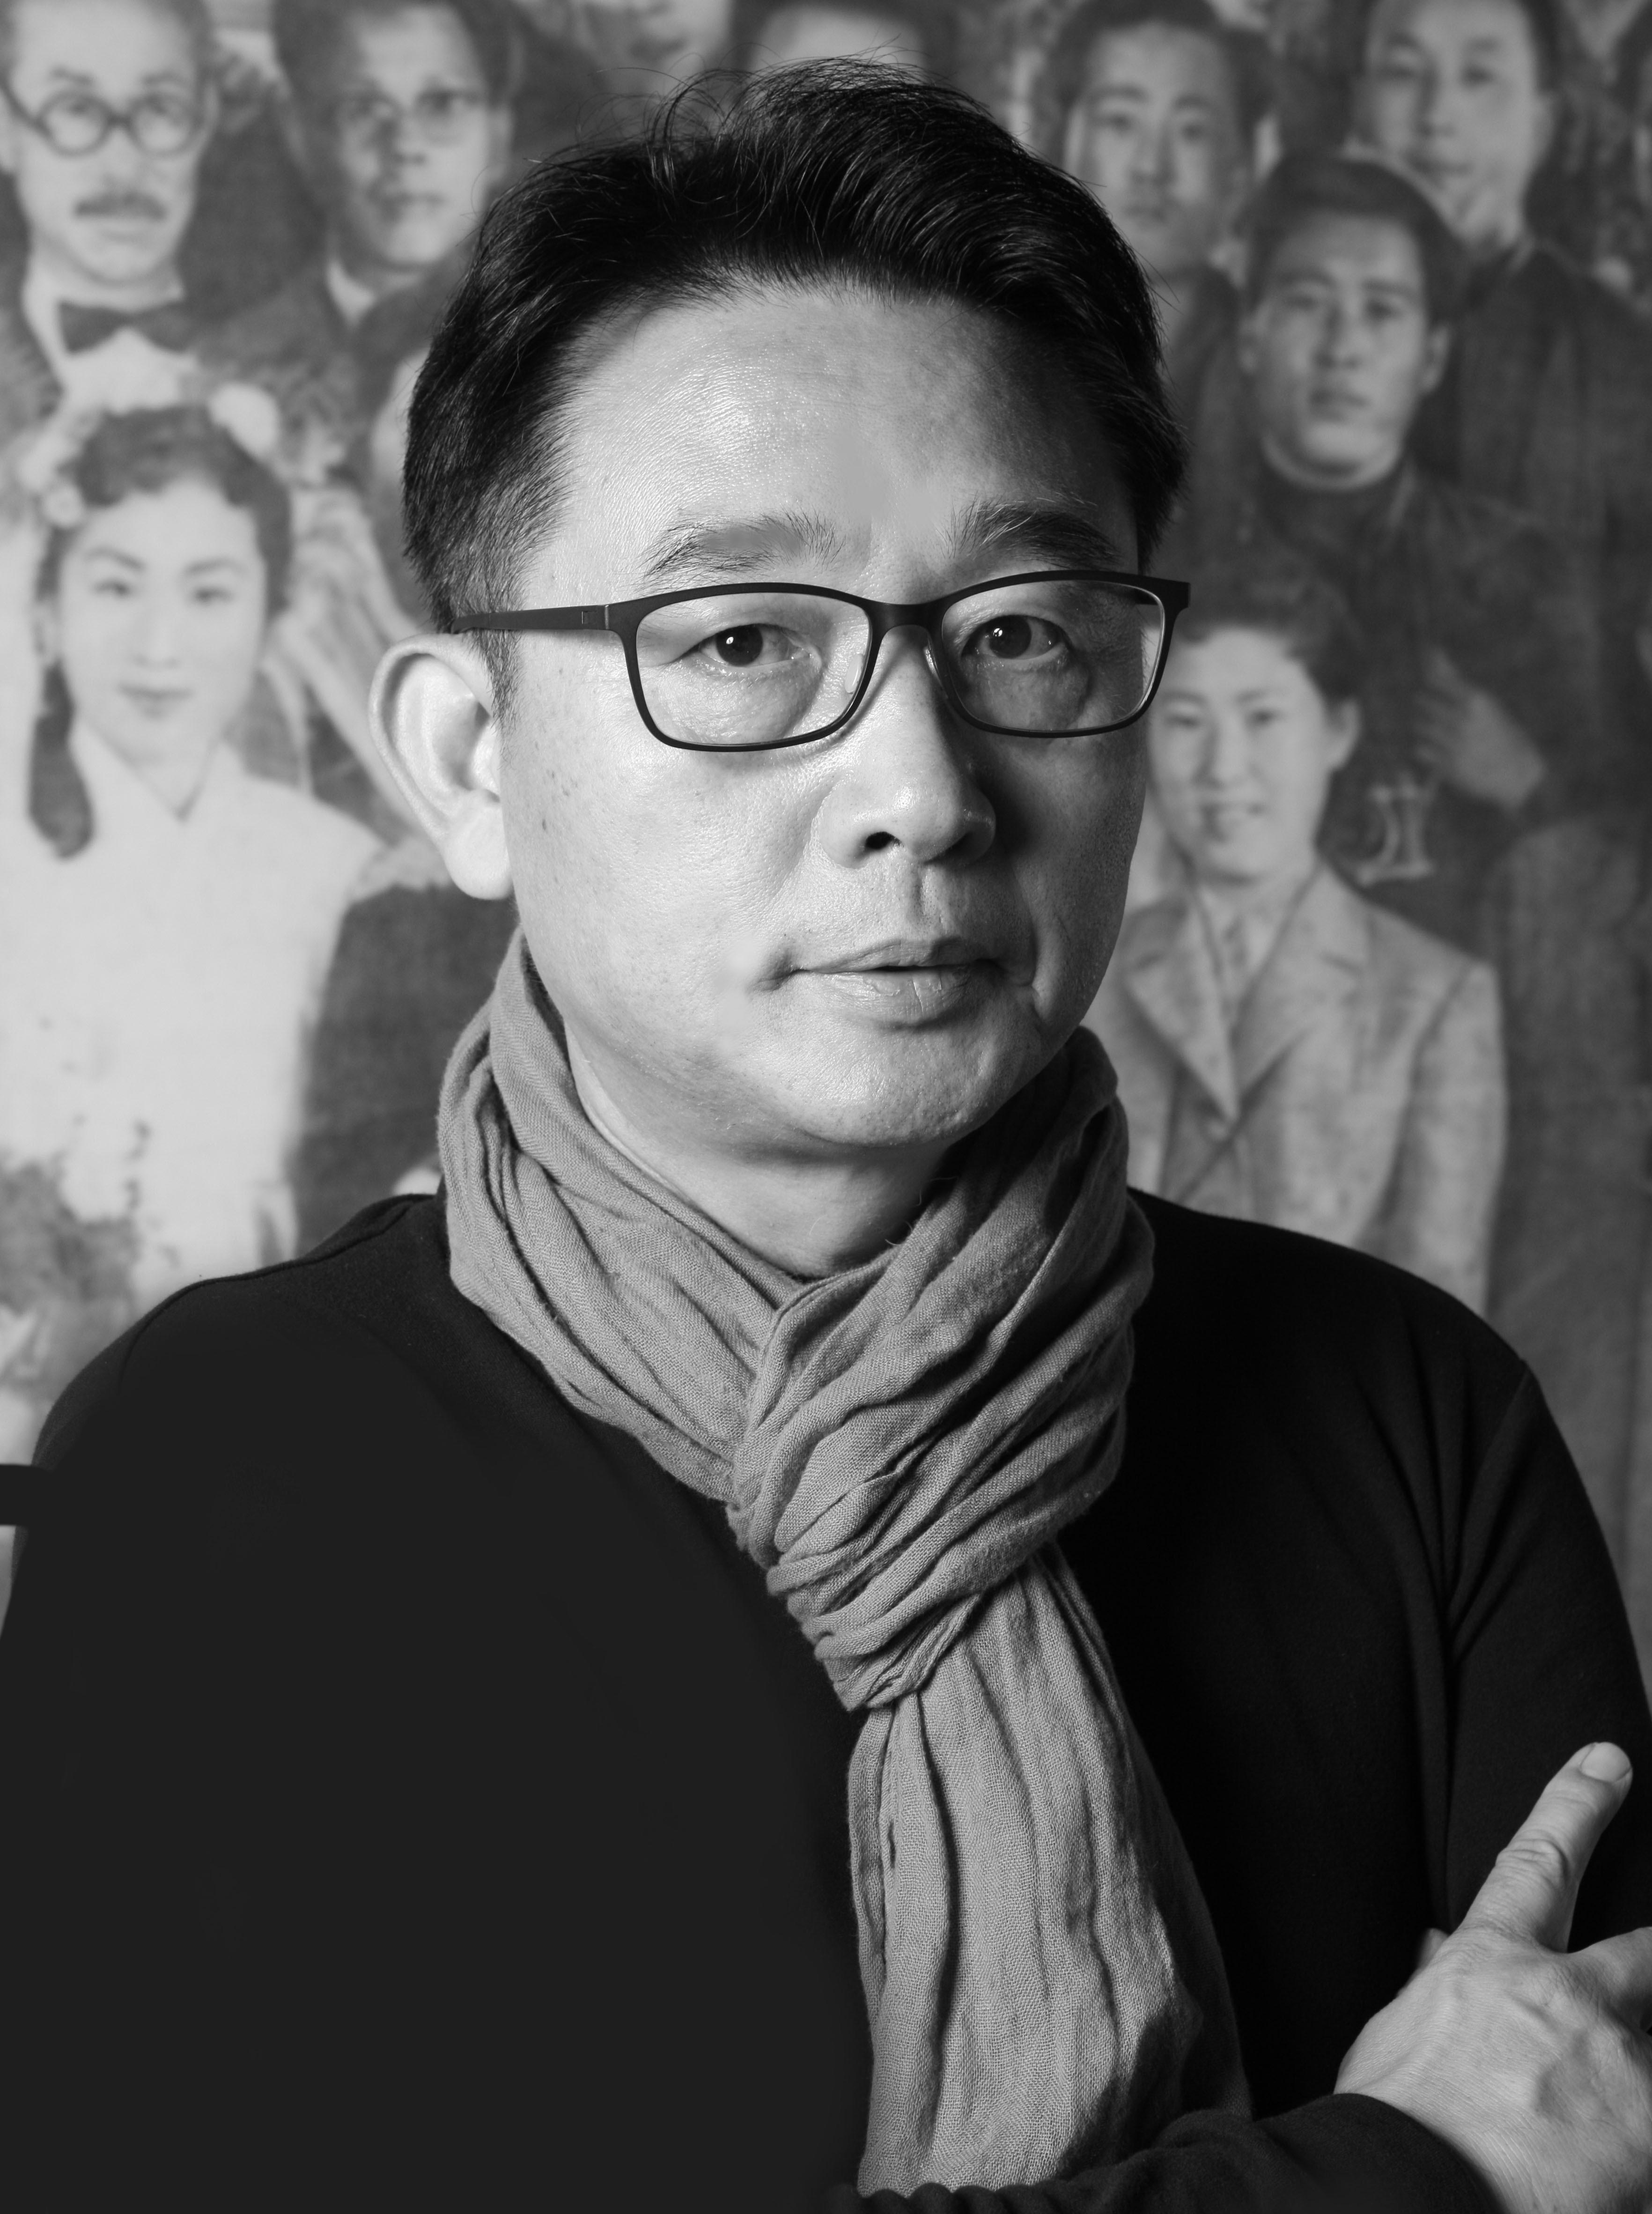 조덕현 프로필 사진